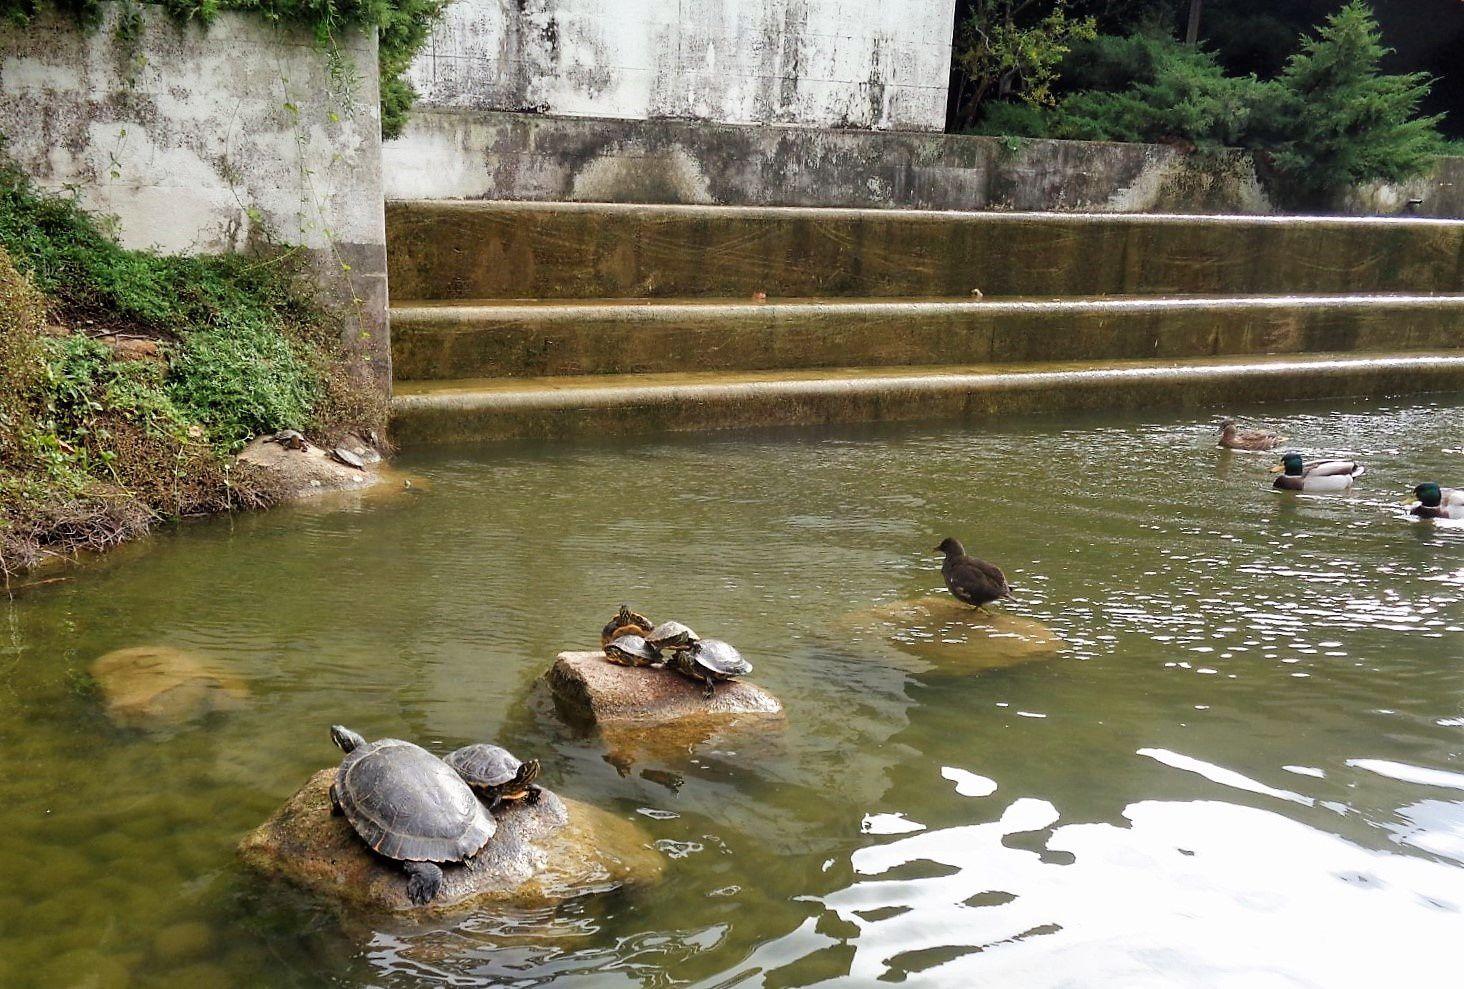 Lisbonne - Le musée Calouste Gulbenkian (7) - Jardin, canards et tortues...